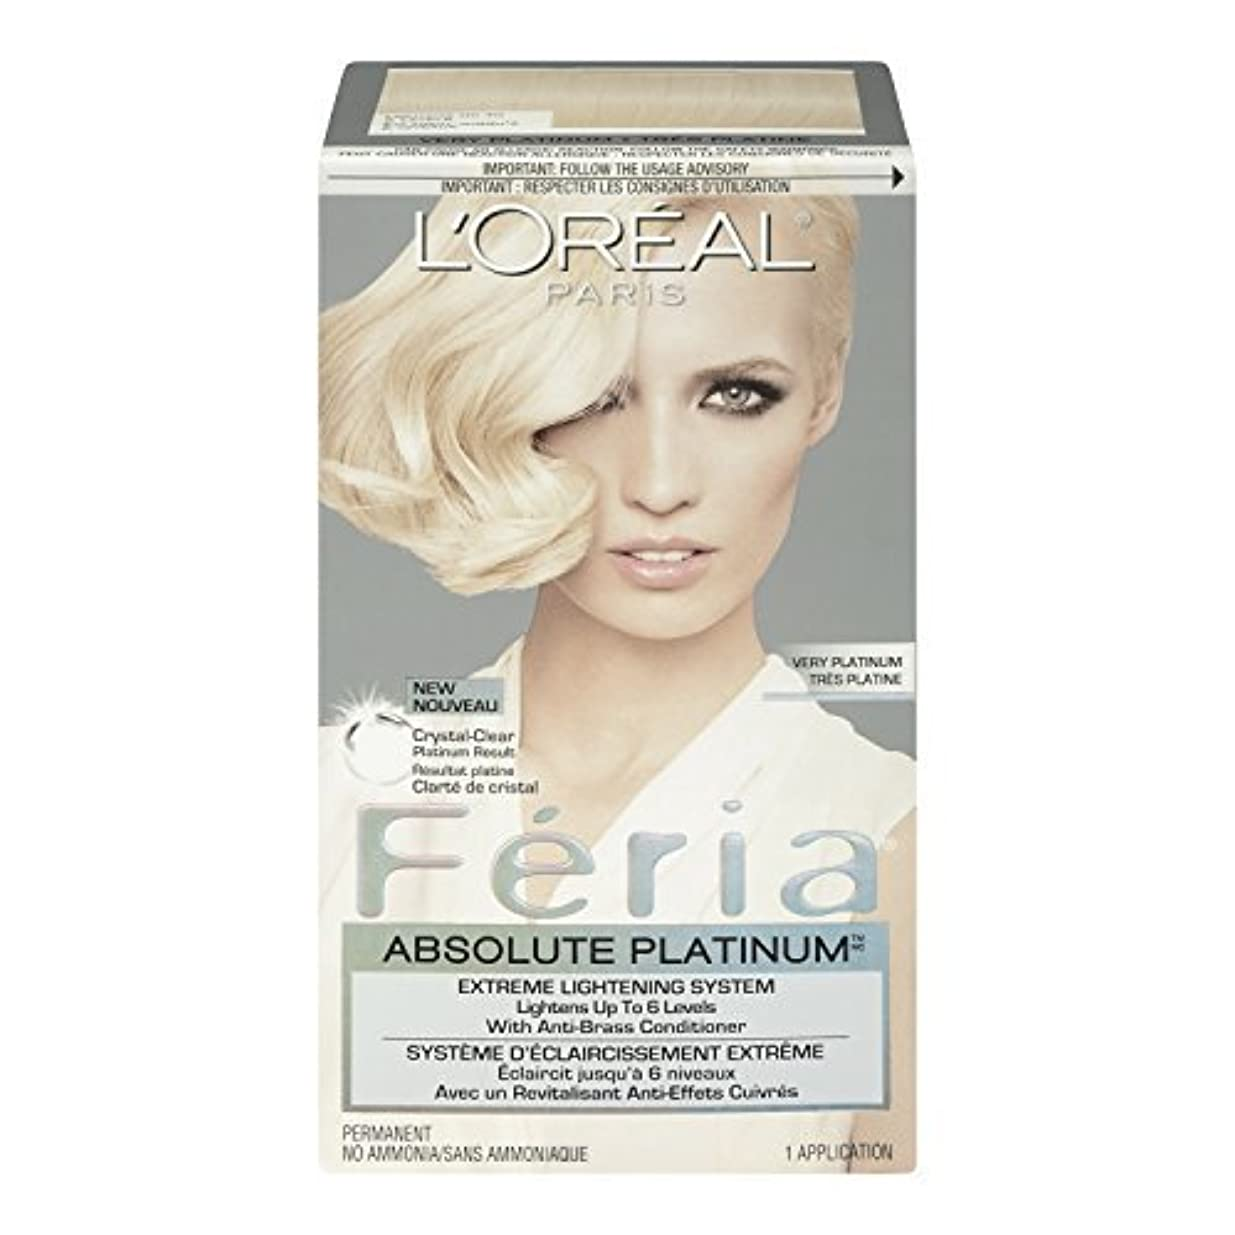 三十パス会議L'Oreal Feria Absolute Platinums Hair Color, Very Platinum by L'Oreal Paris Hair Color [並行輸入品]